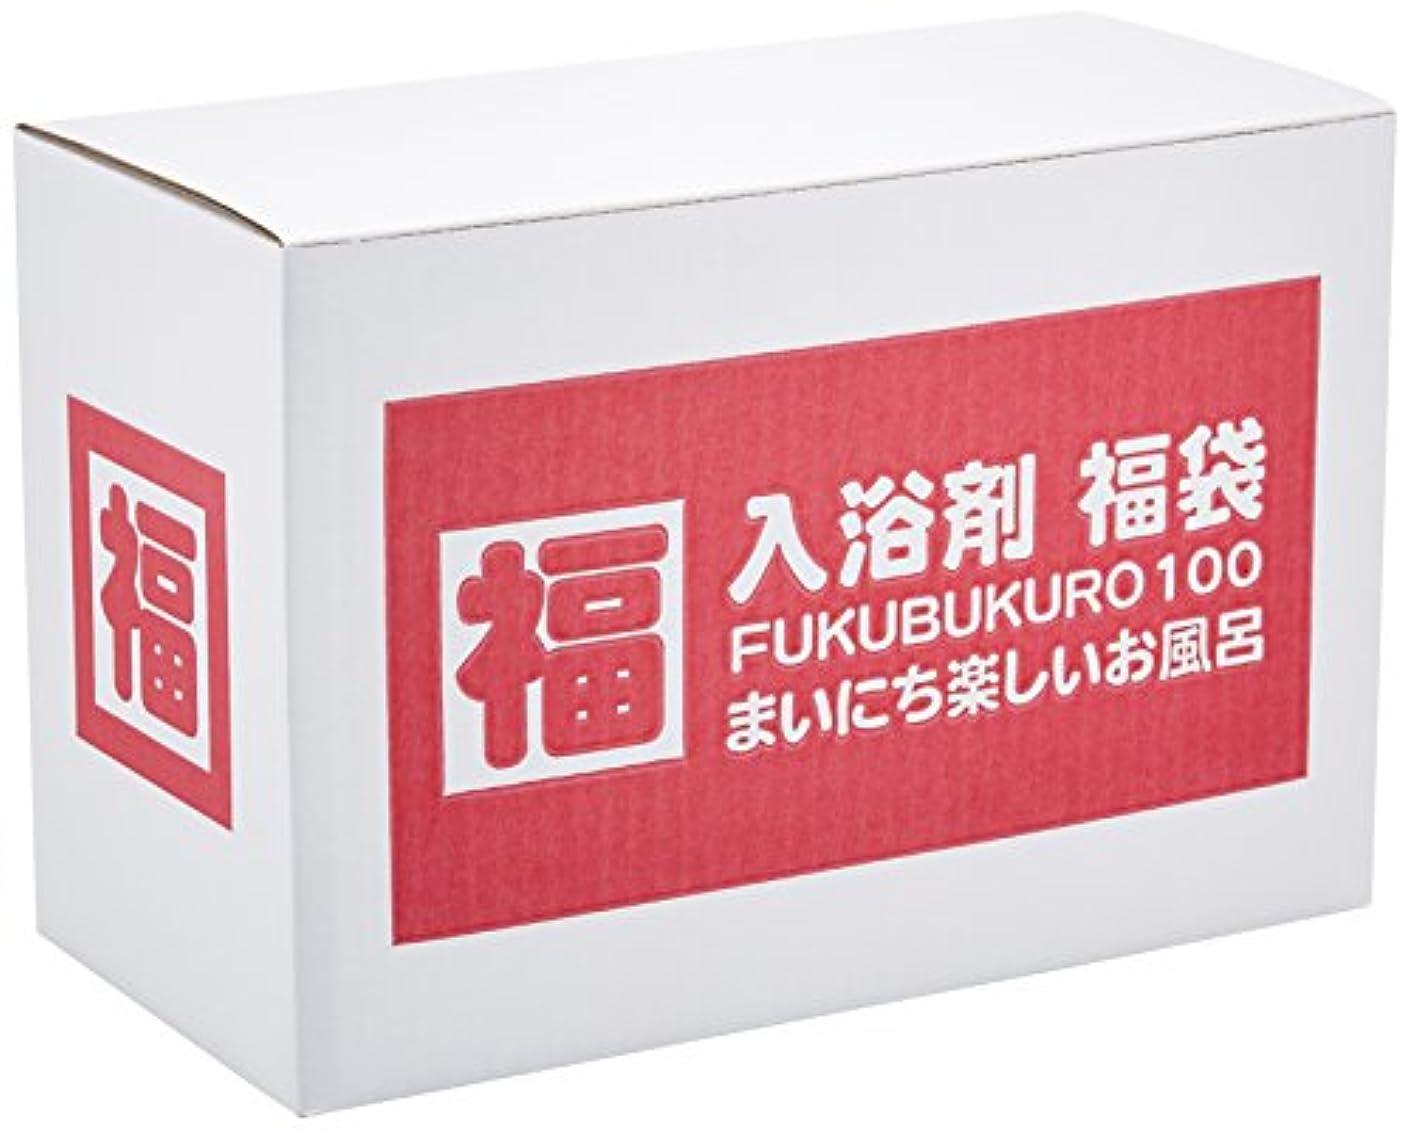 セットするハウストラック入浴剤 福袋  100個安心の日本製